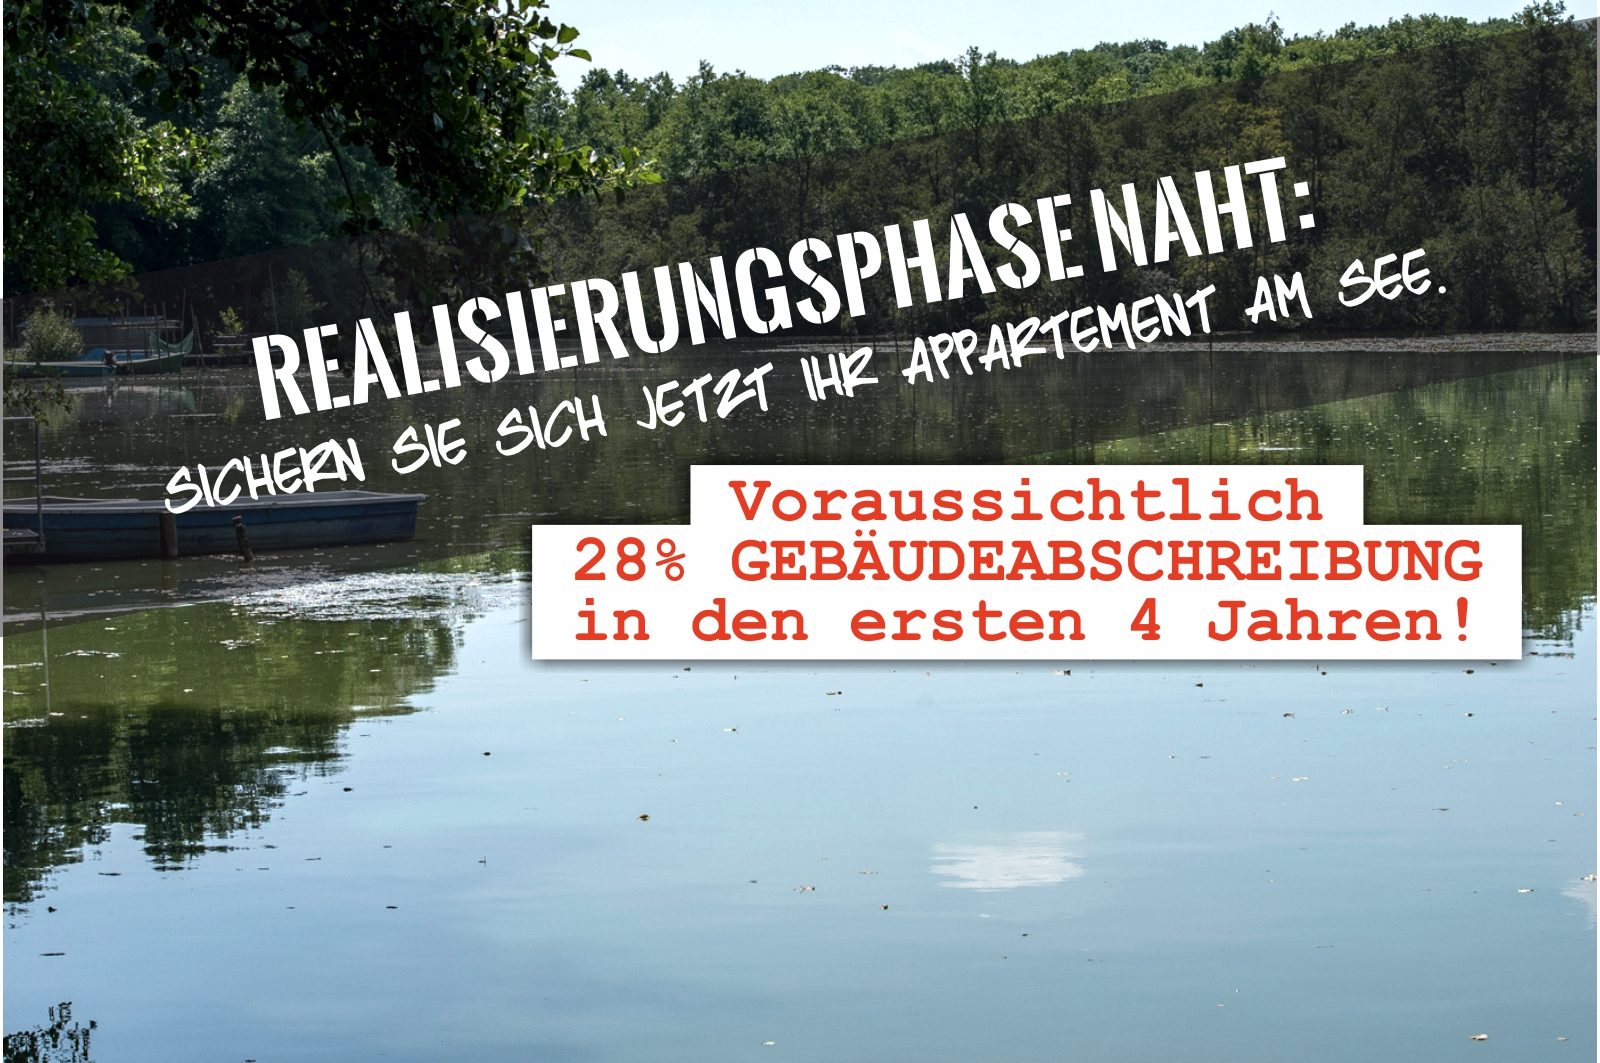 Klostersee: Wassergrundstück nahe Berlin